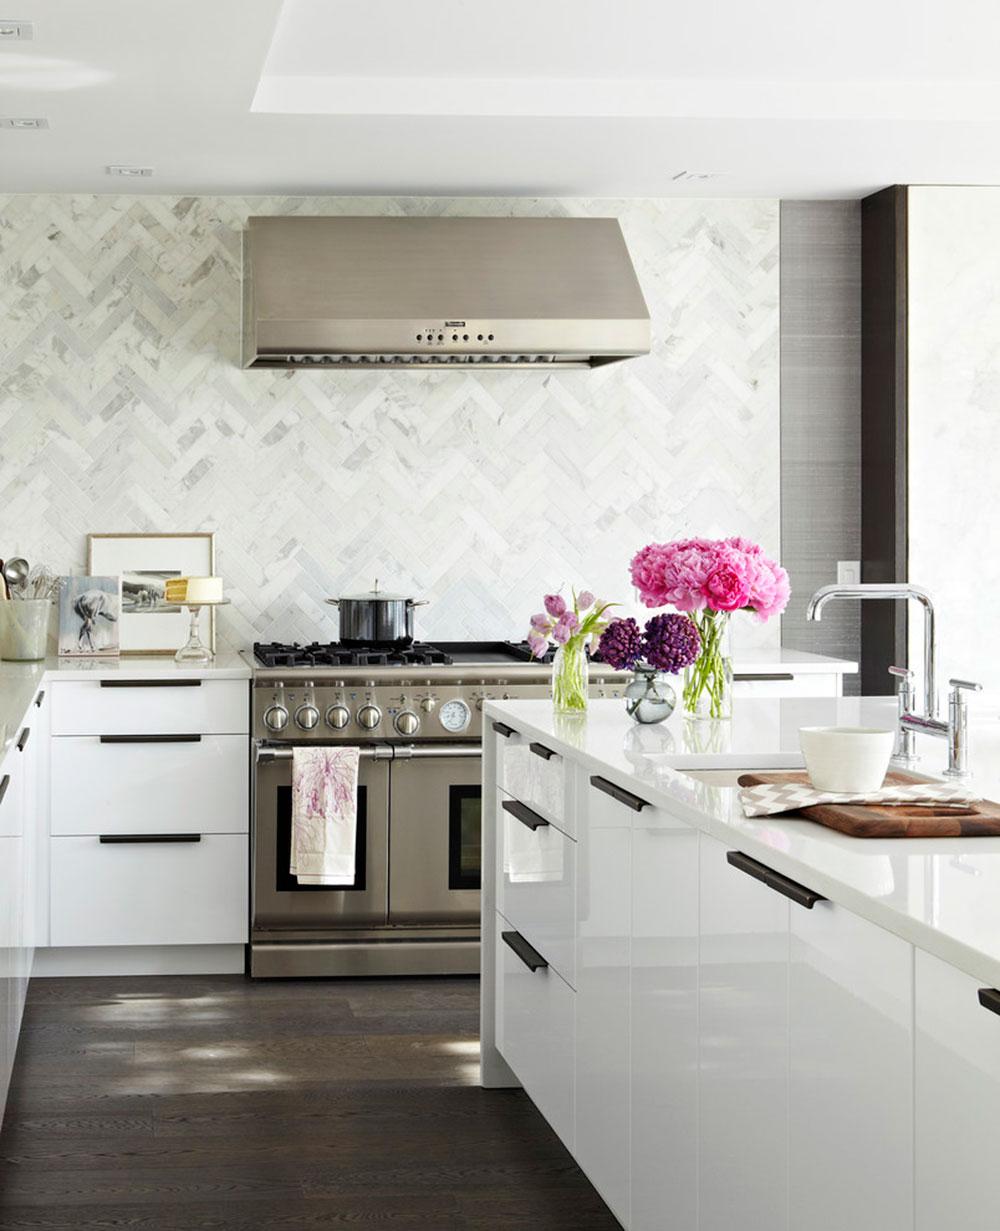 Underbara exempel på kök Makeover8 Underbara exempel på kök Makeover